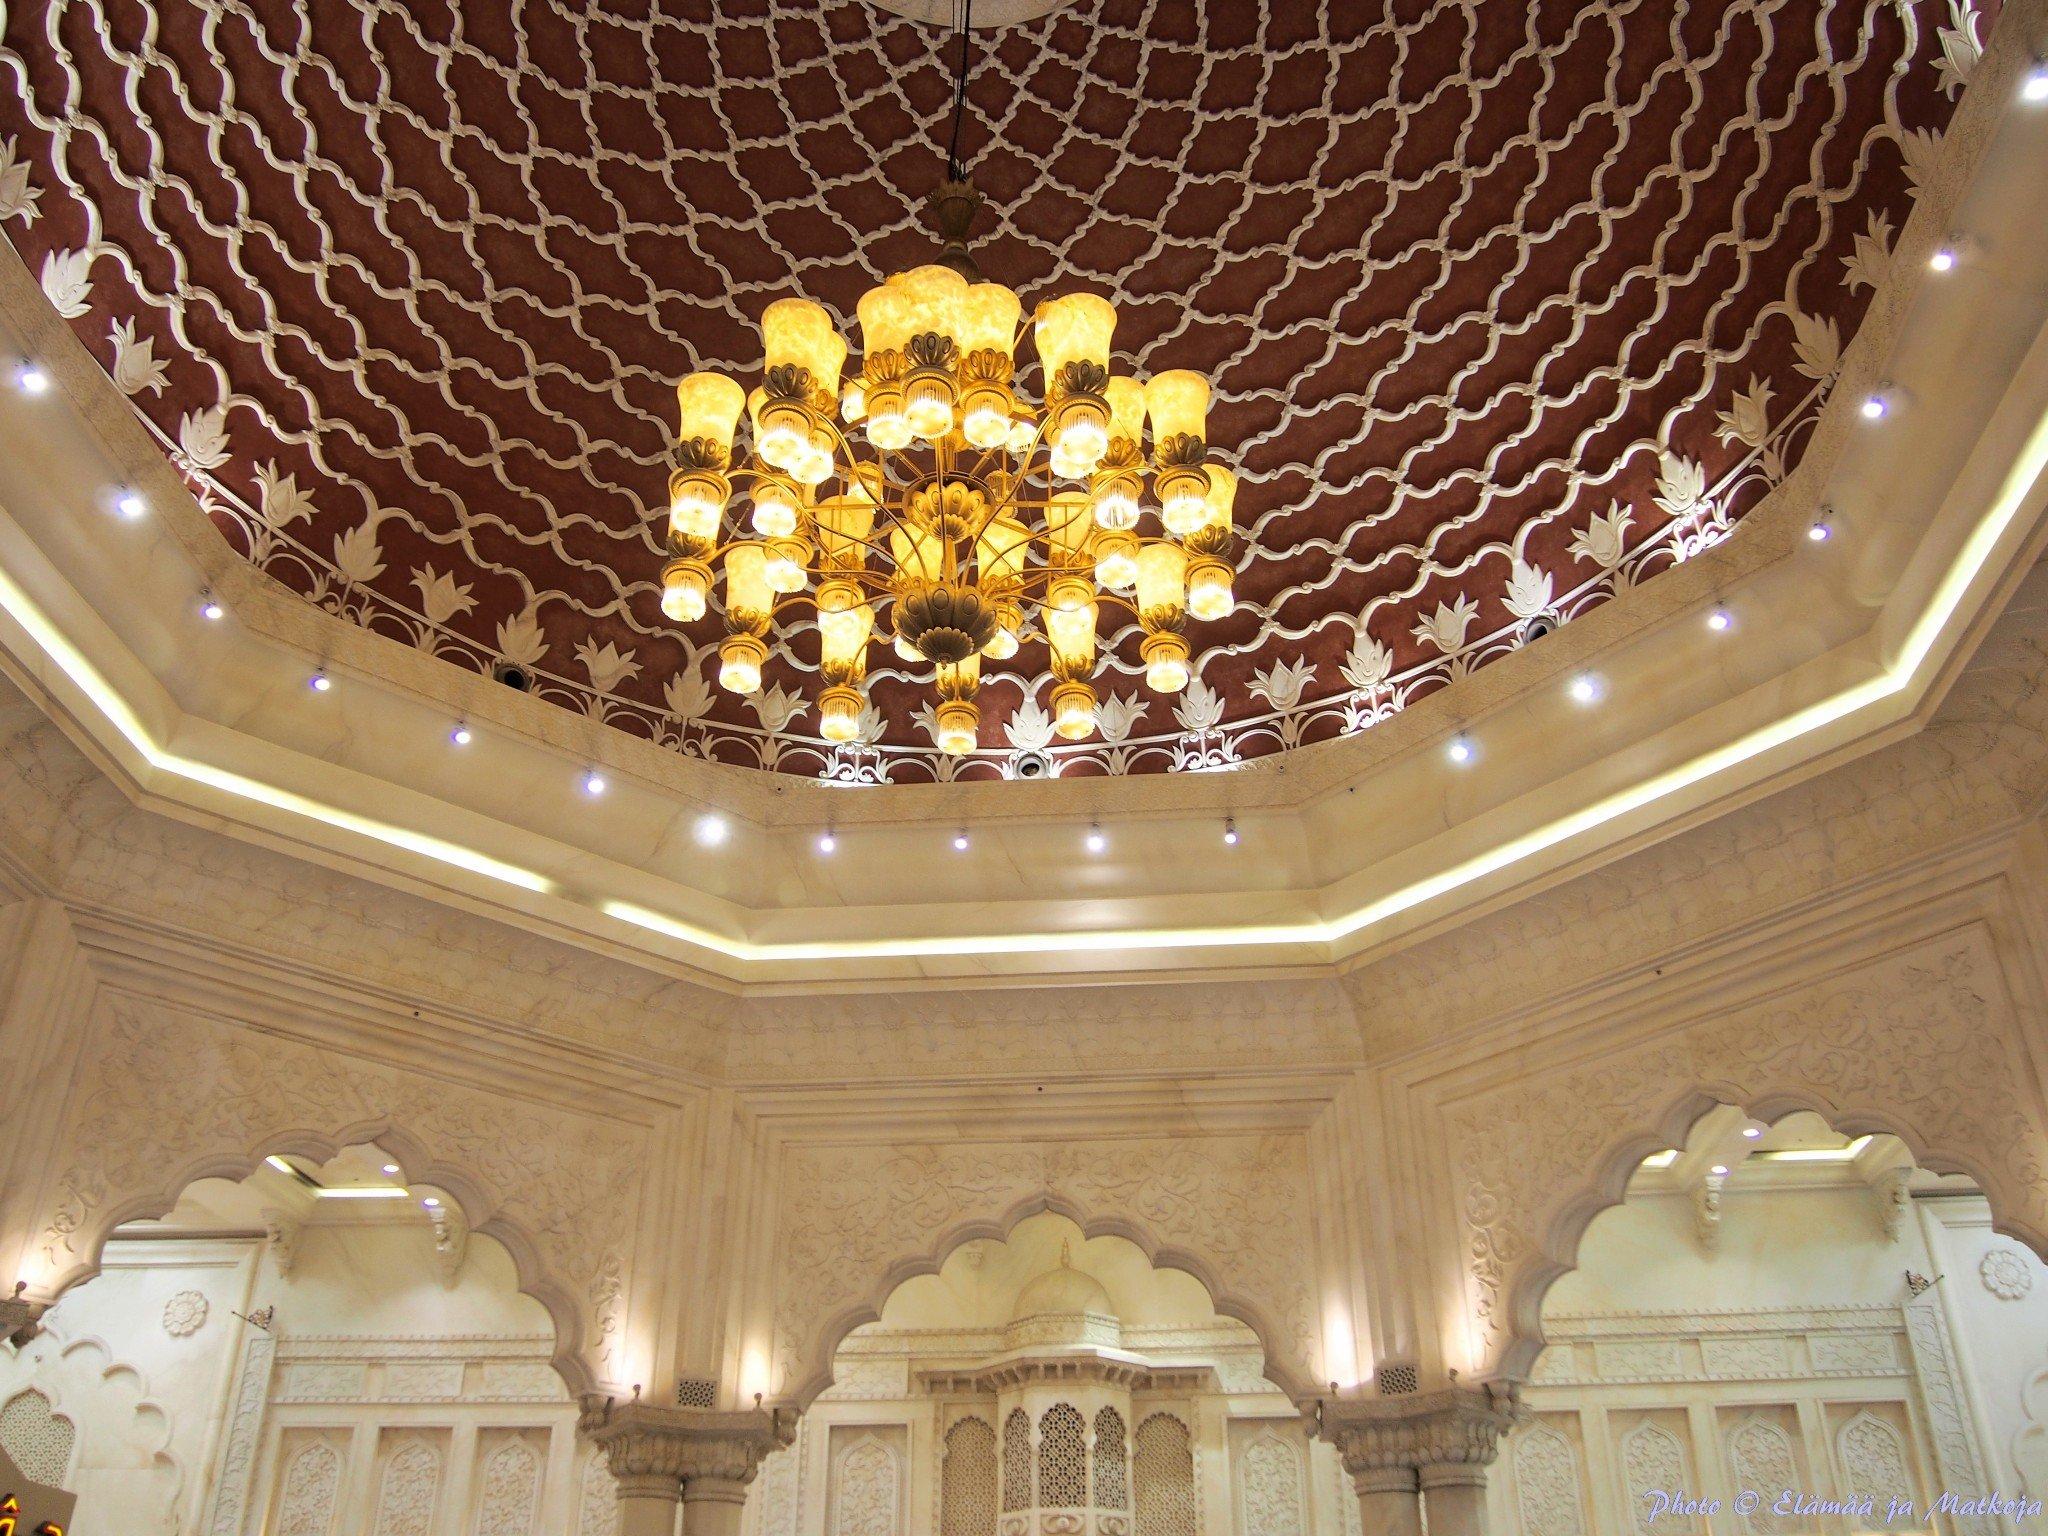 Ibn Battuta Mall Dubai 4 Photo © Elämää ja Matkoja